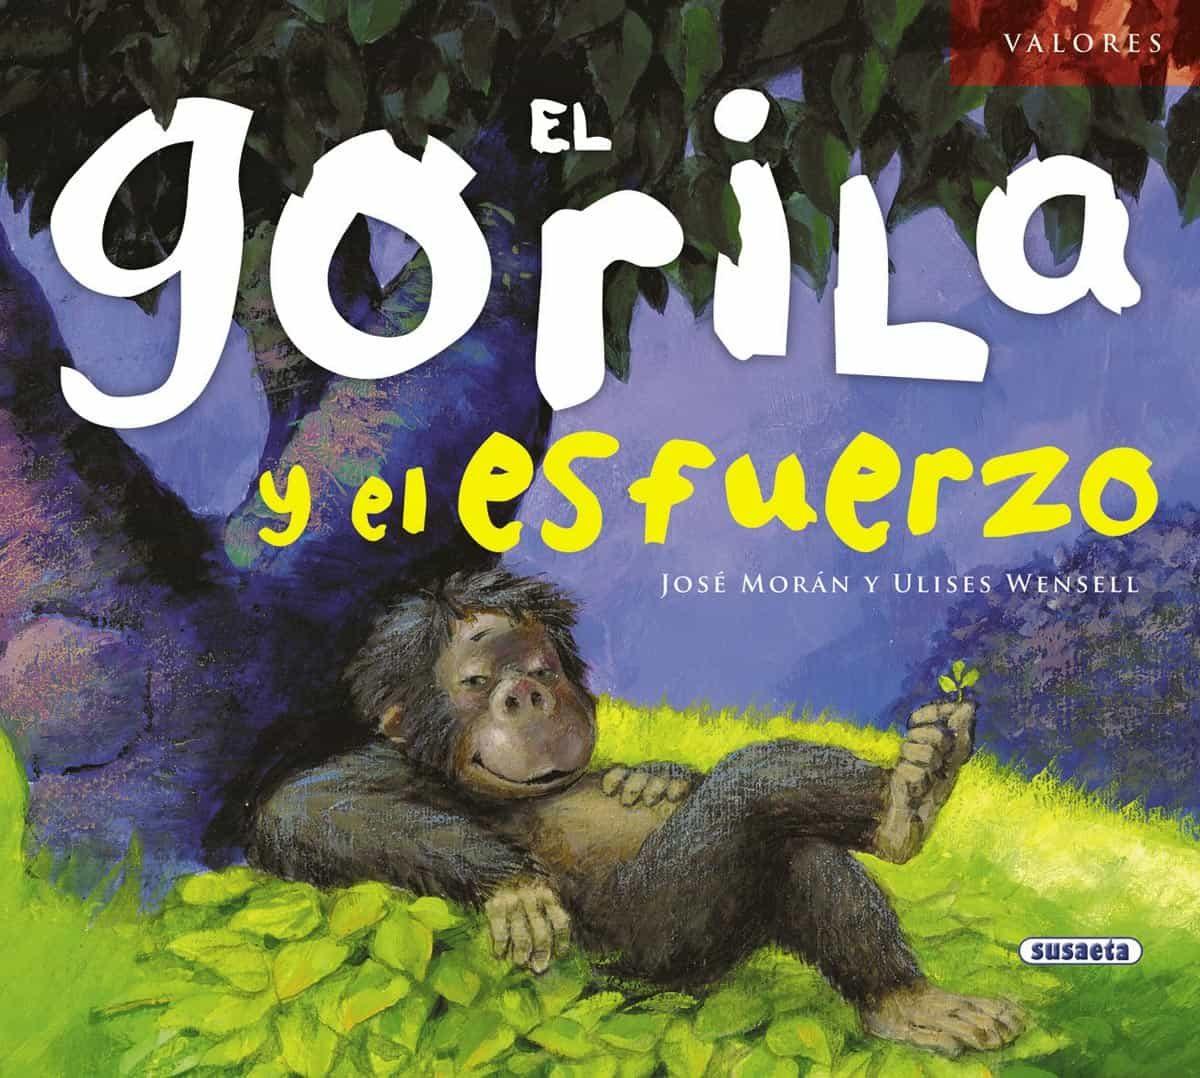 Resultado de imagen de el gorila y el esfuerzo valores